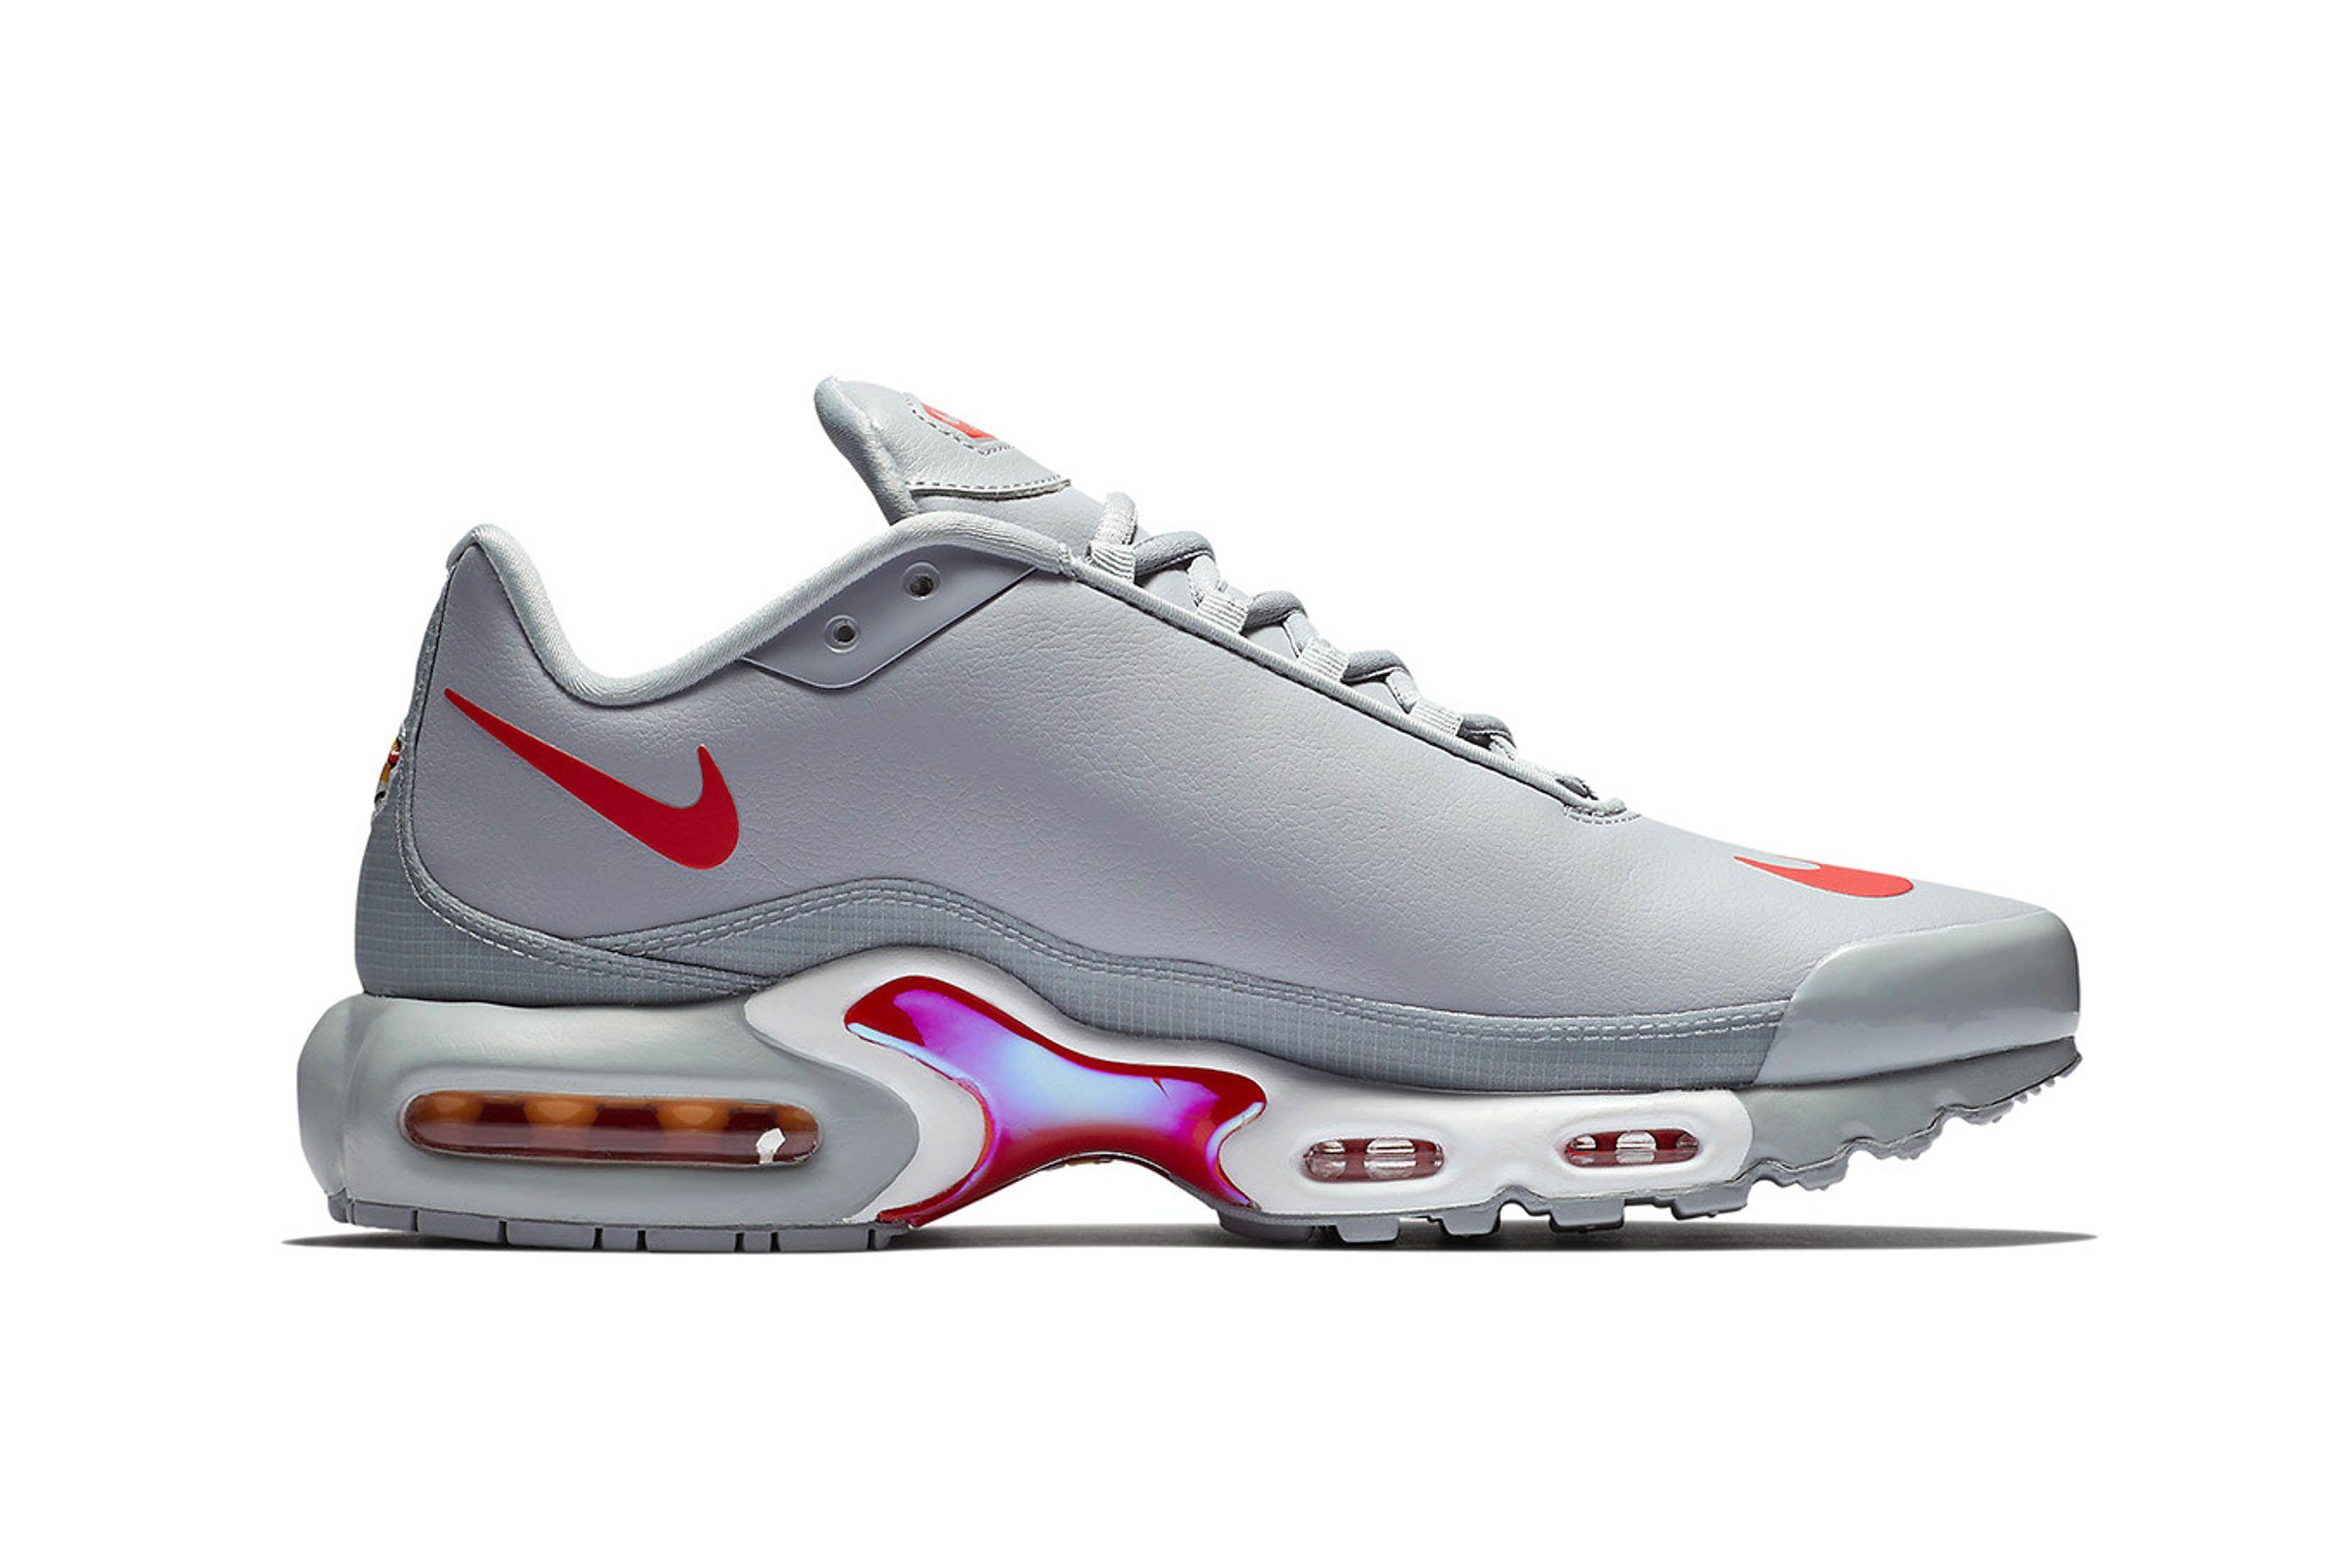 Nike Air Max Plus Aq1088 001 2 Sneaker Freaker